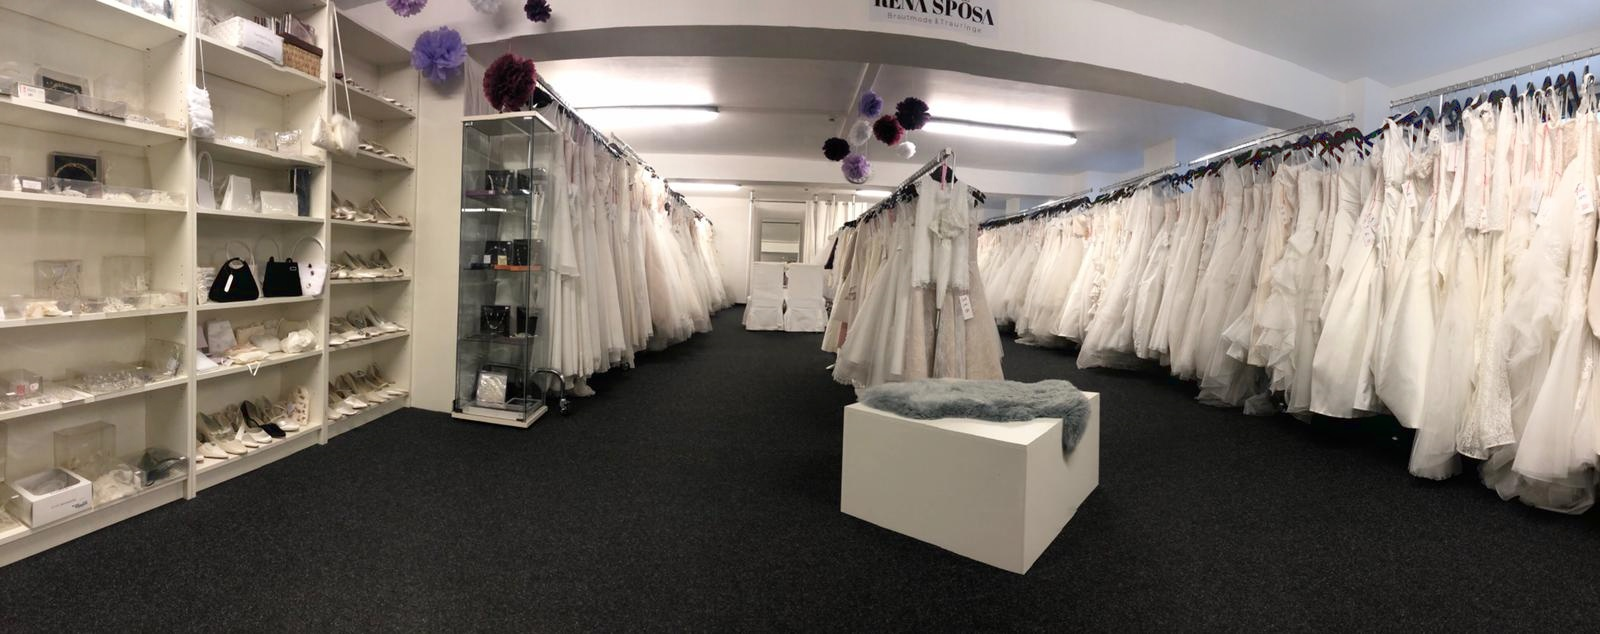 Brautkleider Outlet: Lagerverkauf für Brautmoden